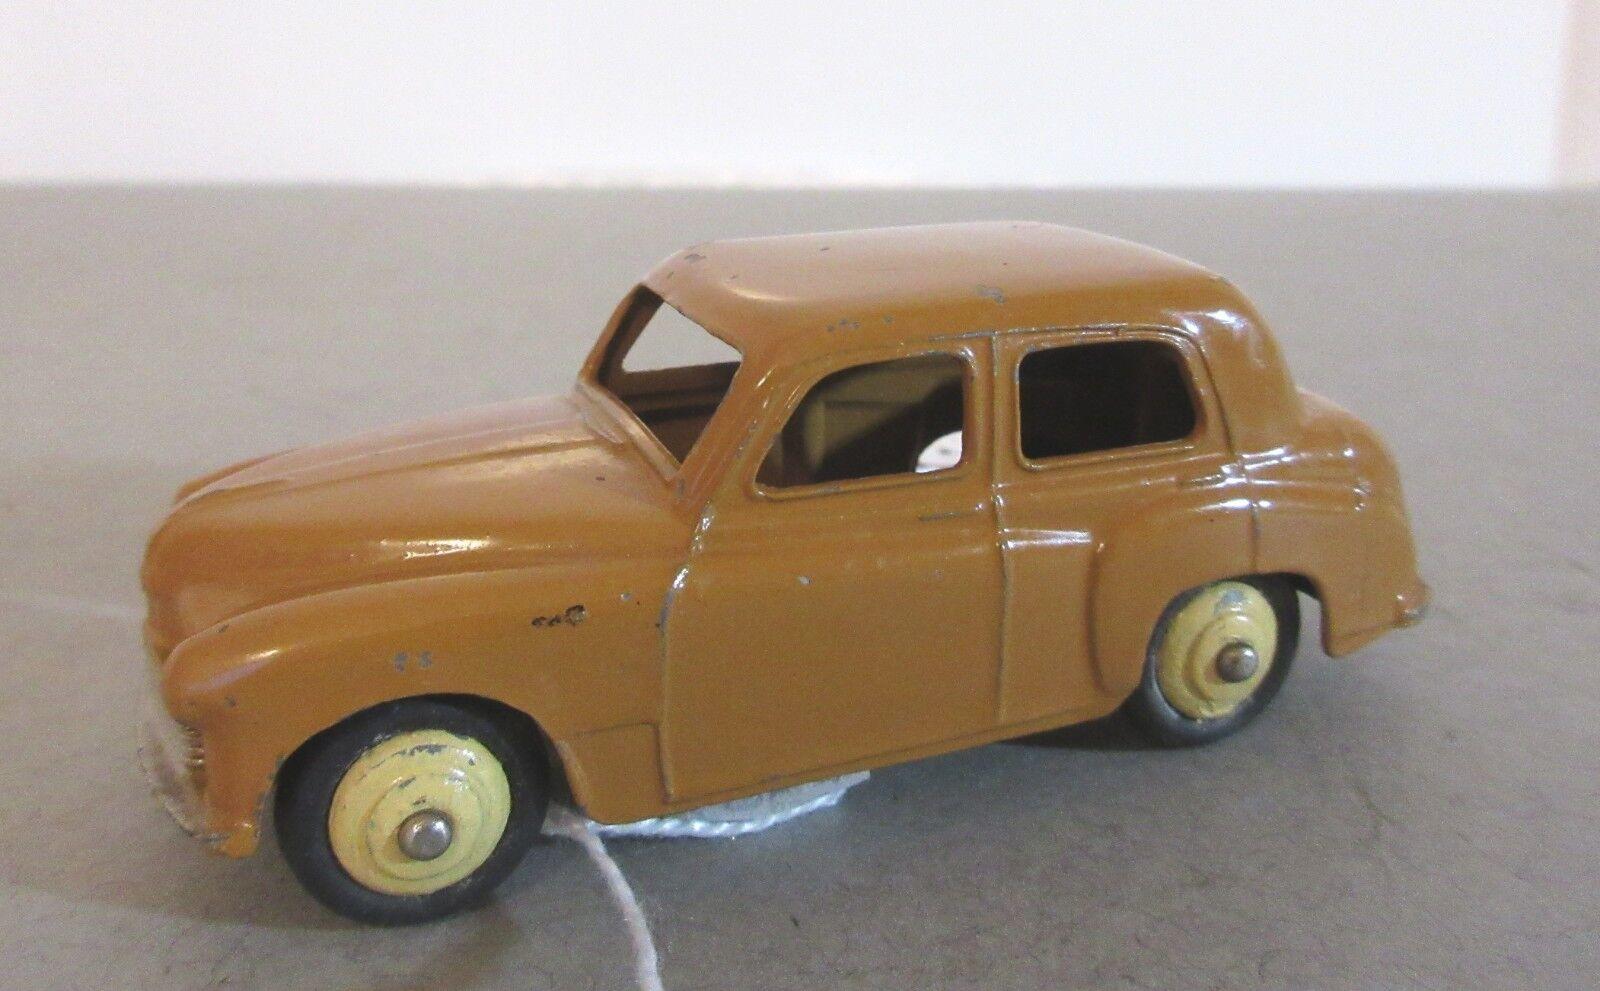 mejor servicio Hillman Minx cuatro puertas Dinky Dinky Dinky Juguetes Familia Saloon Coche-década de 1950 coches dinky Juguetes  Sin impuestos